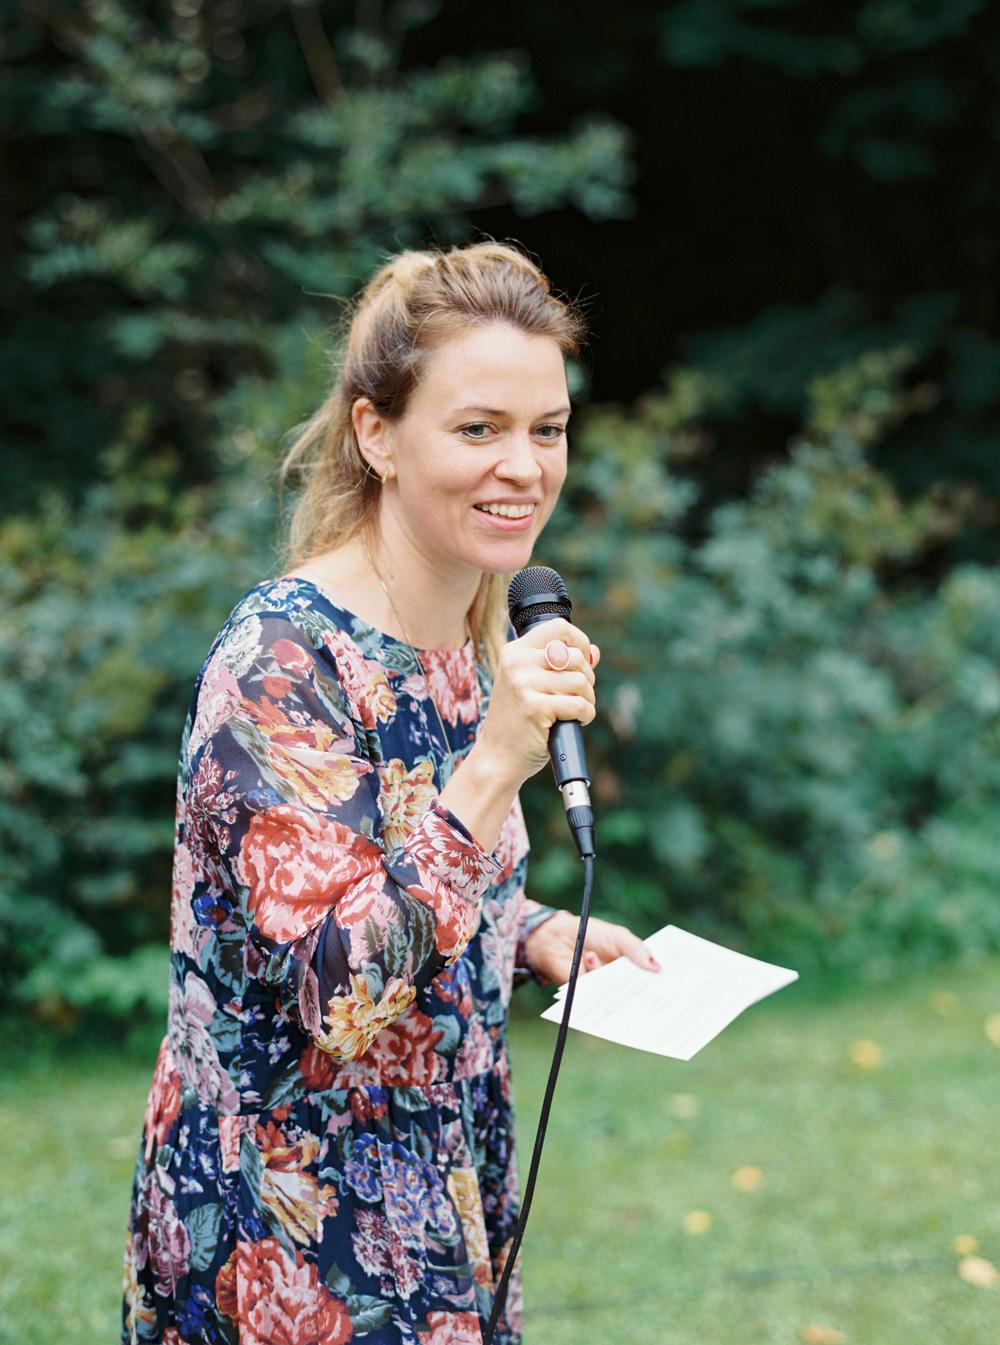 camp sol wedding weekend - wesley nulens-84.jpg